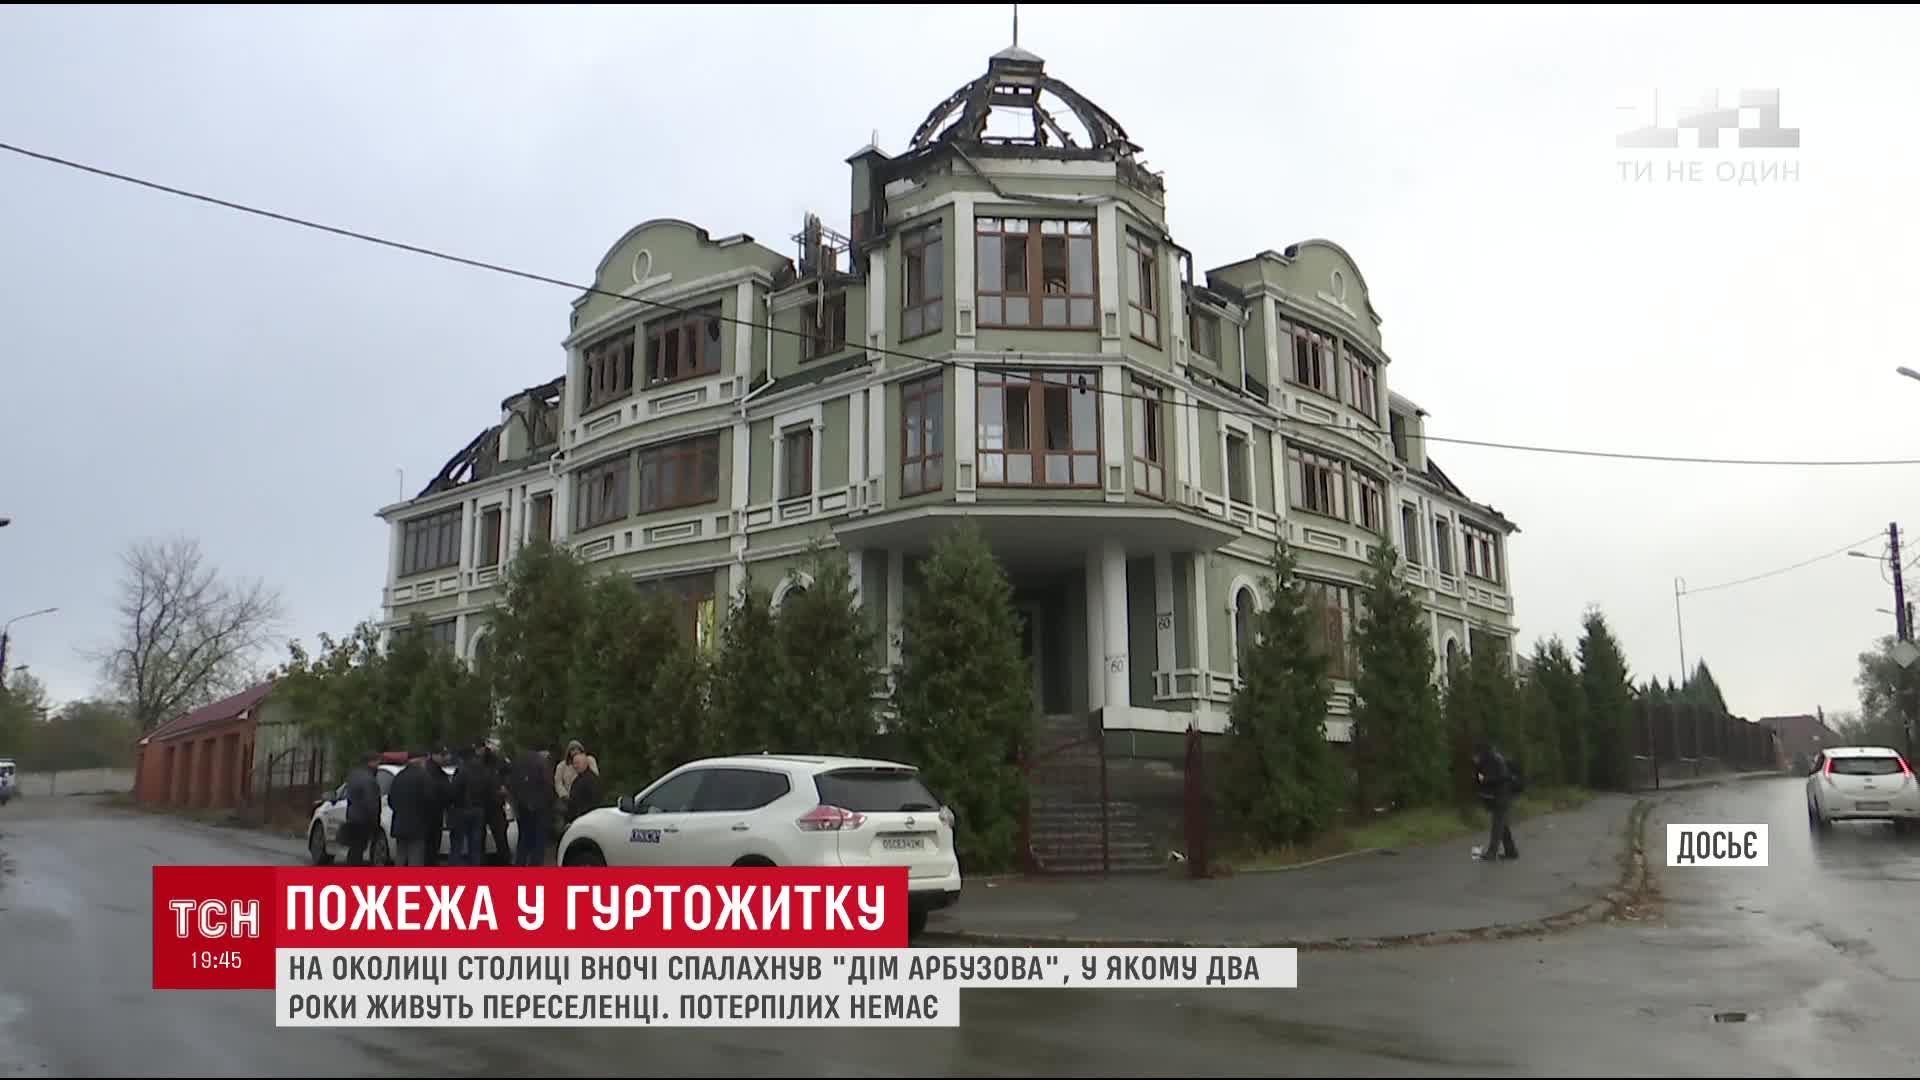 В доме жили переселенцы / Скриншот видео ТСН